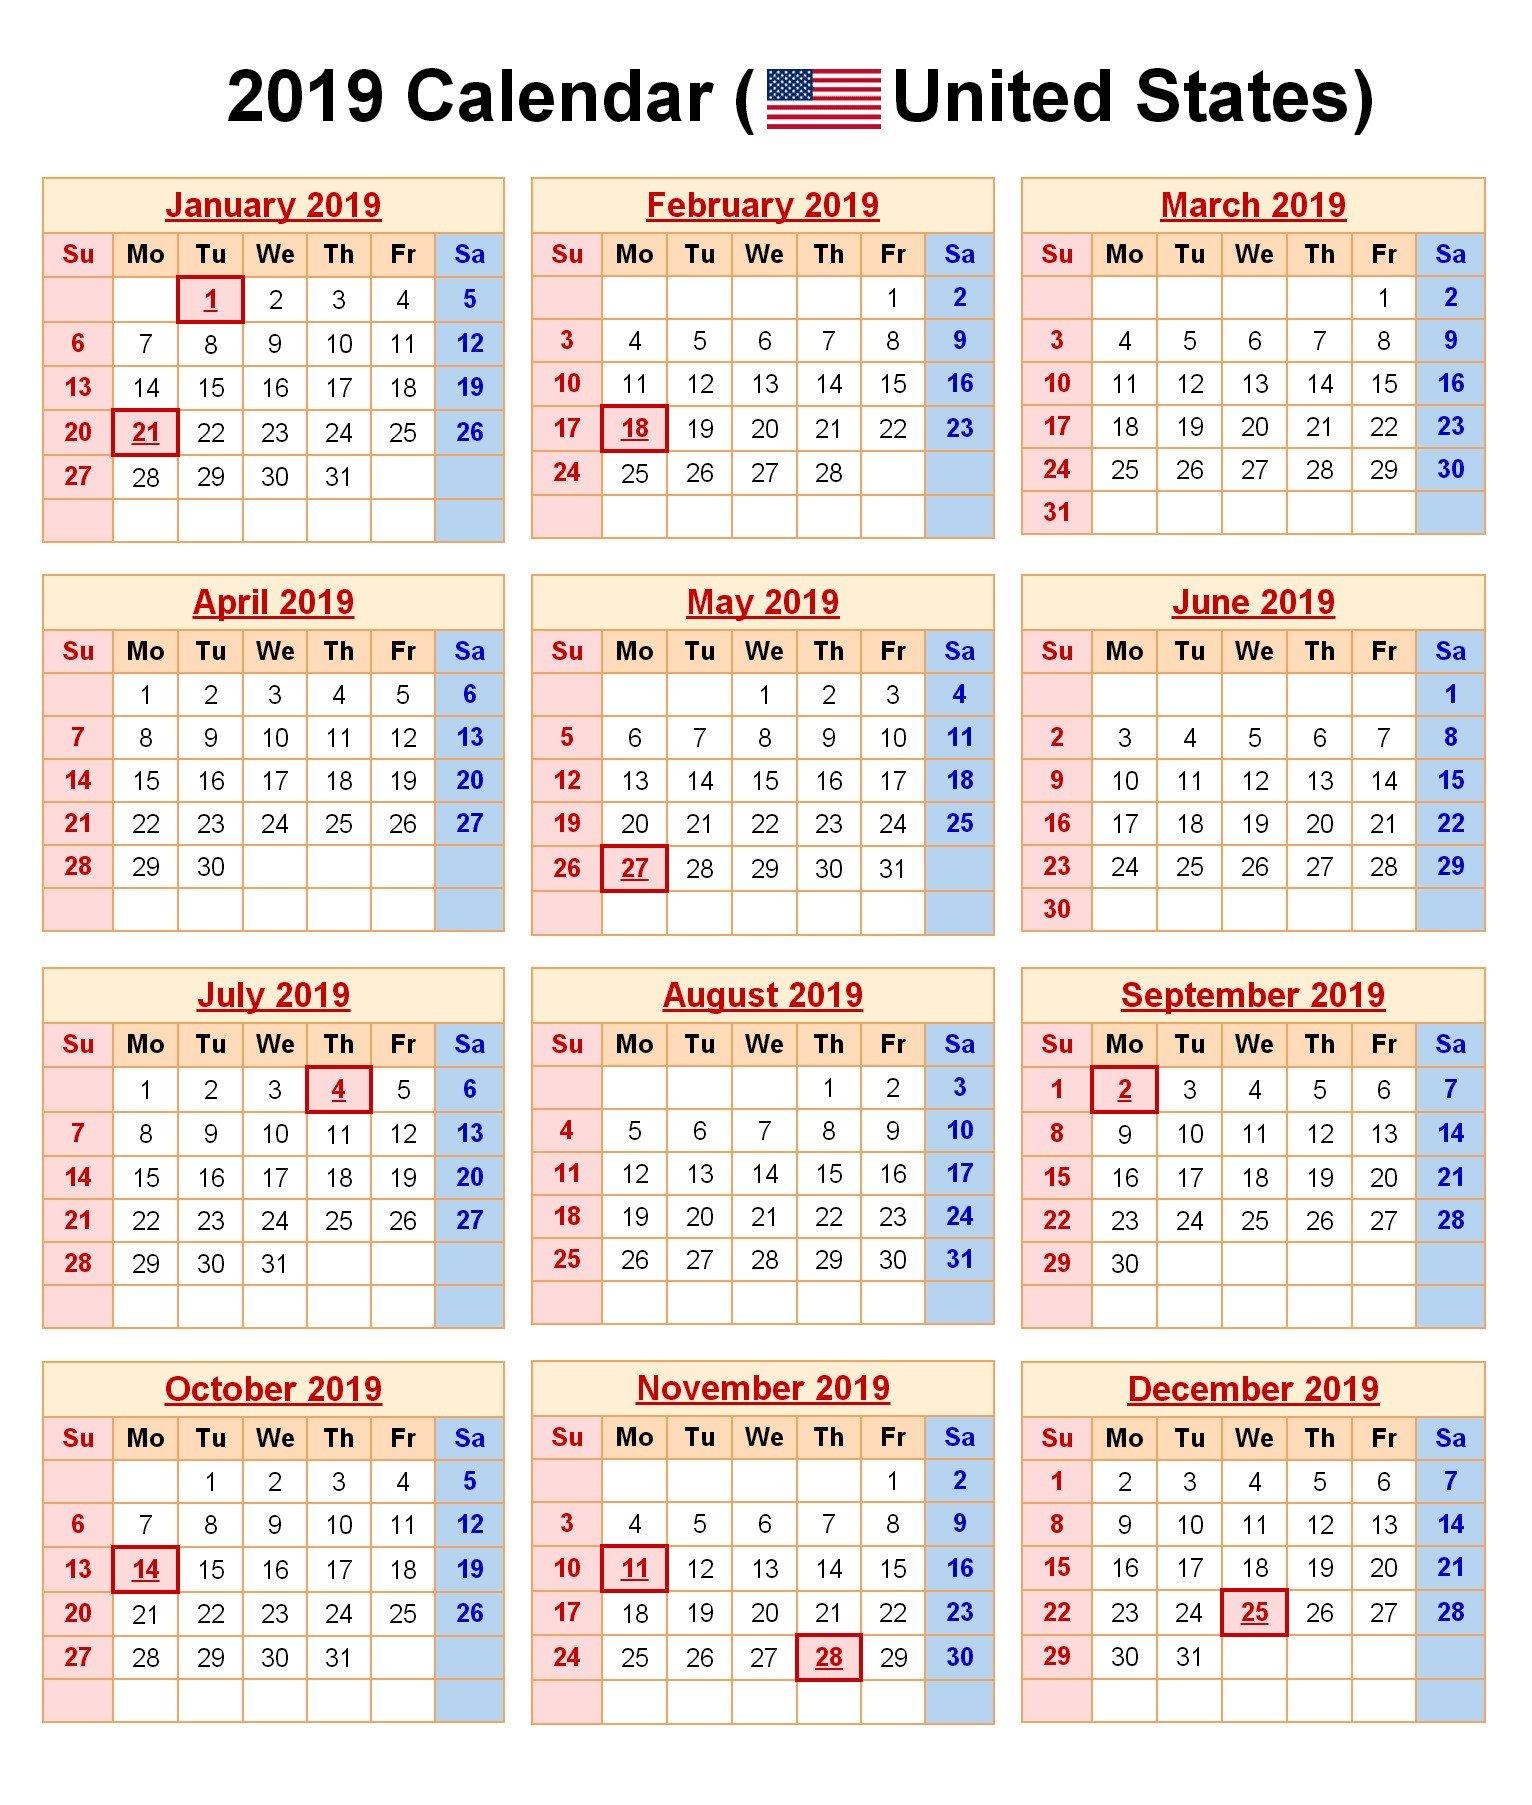 2019 Printable Calendar With Us Holidays Printable Calendar 2019 Calendar 2019 With Holidays Usa Printable